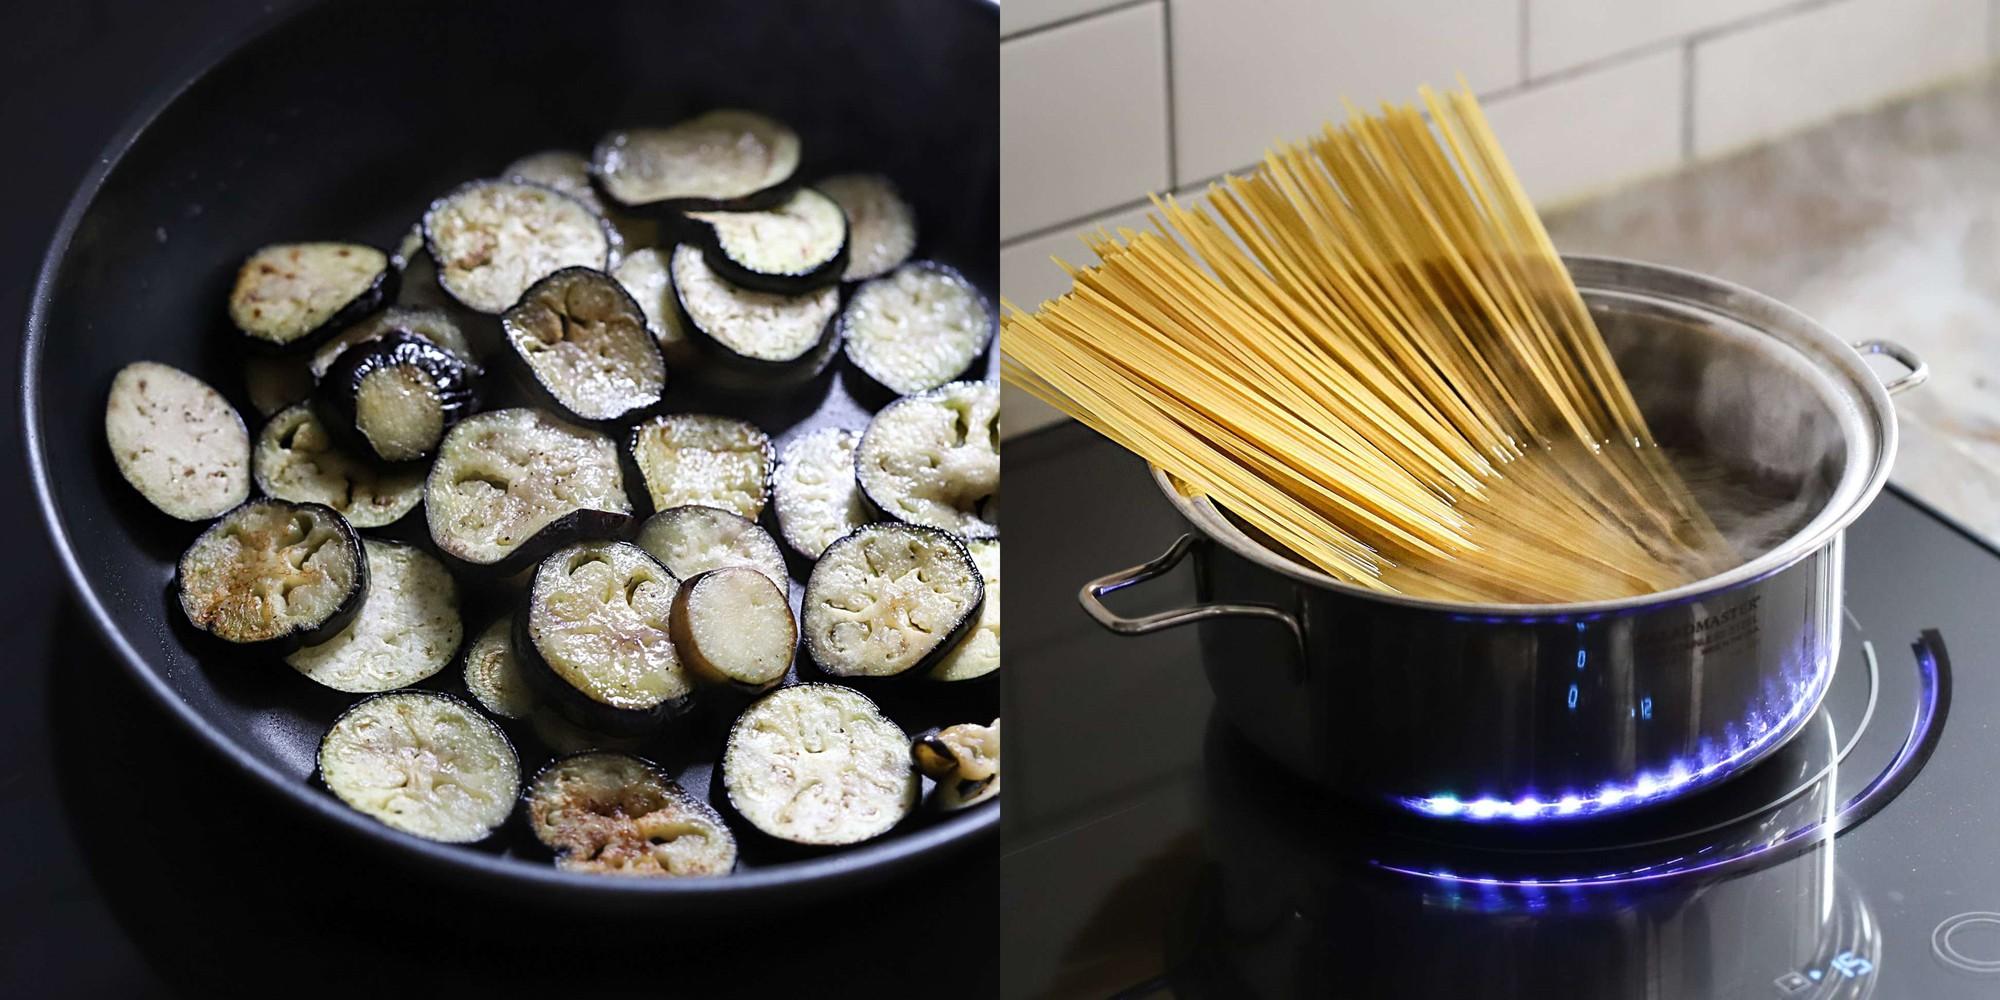 Món mì Ý ngon chuẩn vị hóa ra có cách làm dễ vô cùng! - Ảnh 2.